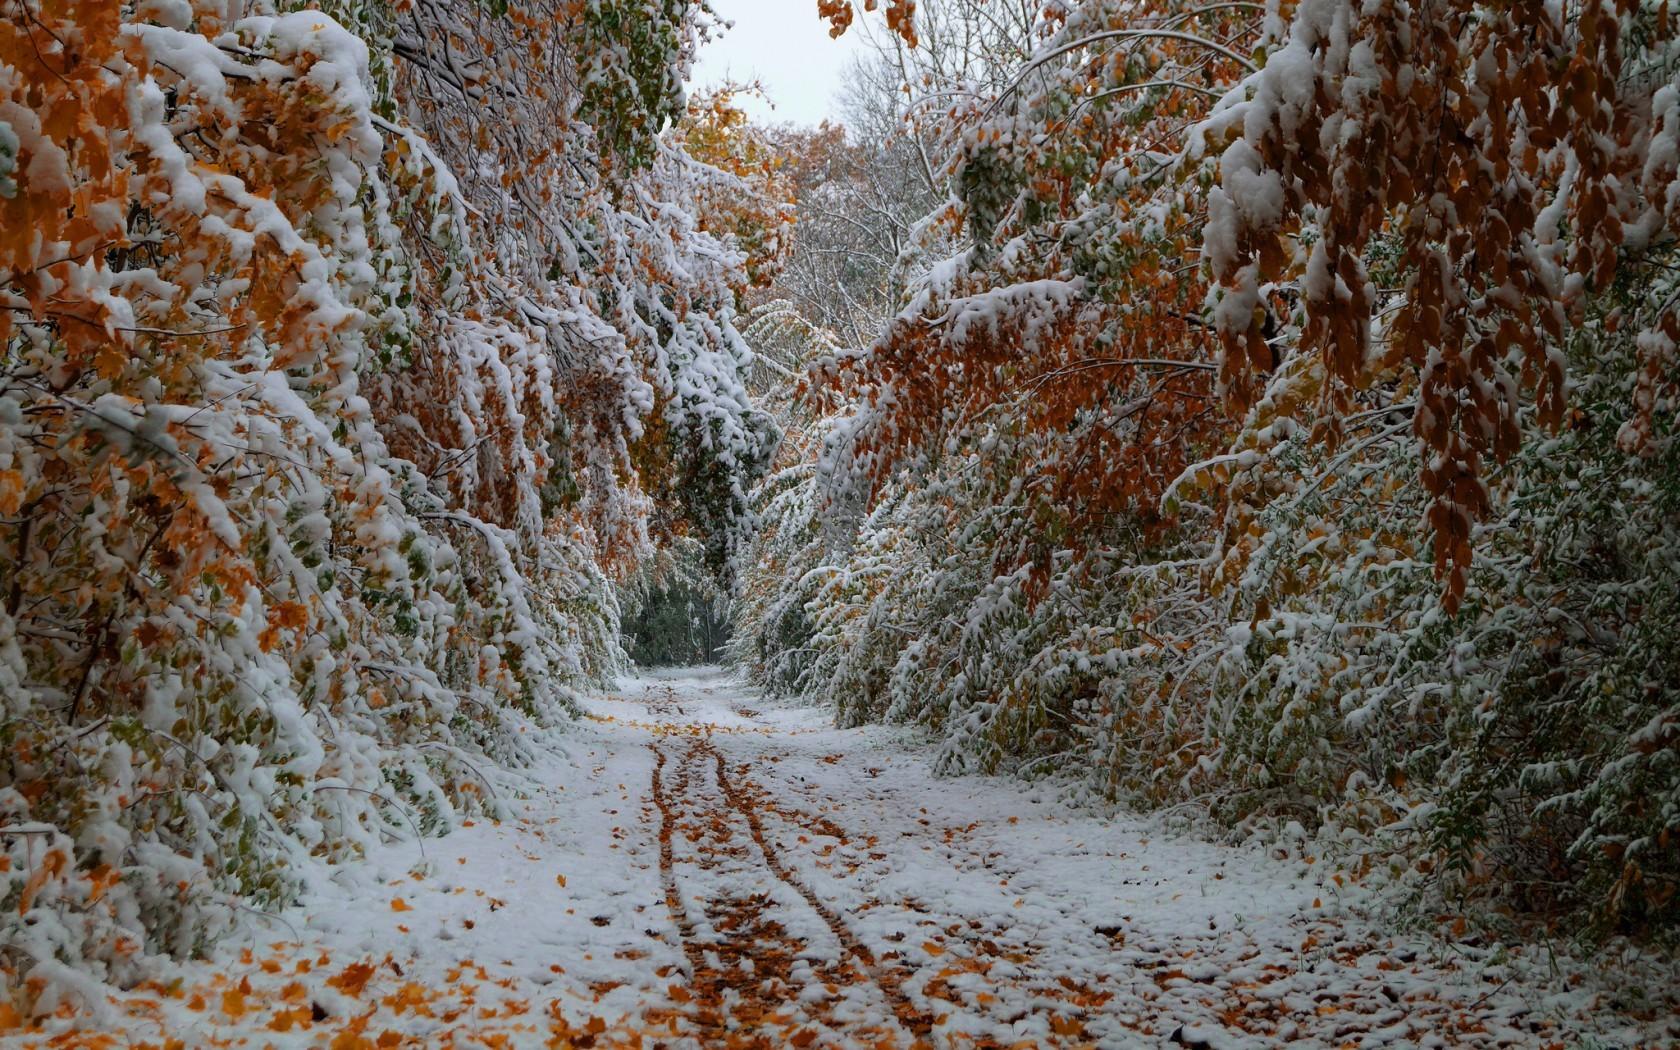 20713 скачать обои Пейзаж, Деревья, Дороги, Осень, Снег - заставки и картинки бесплатно